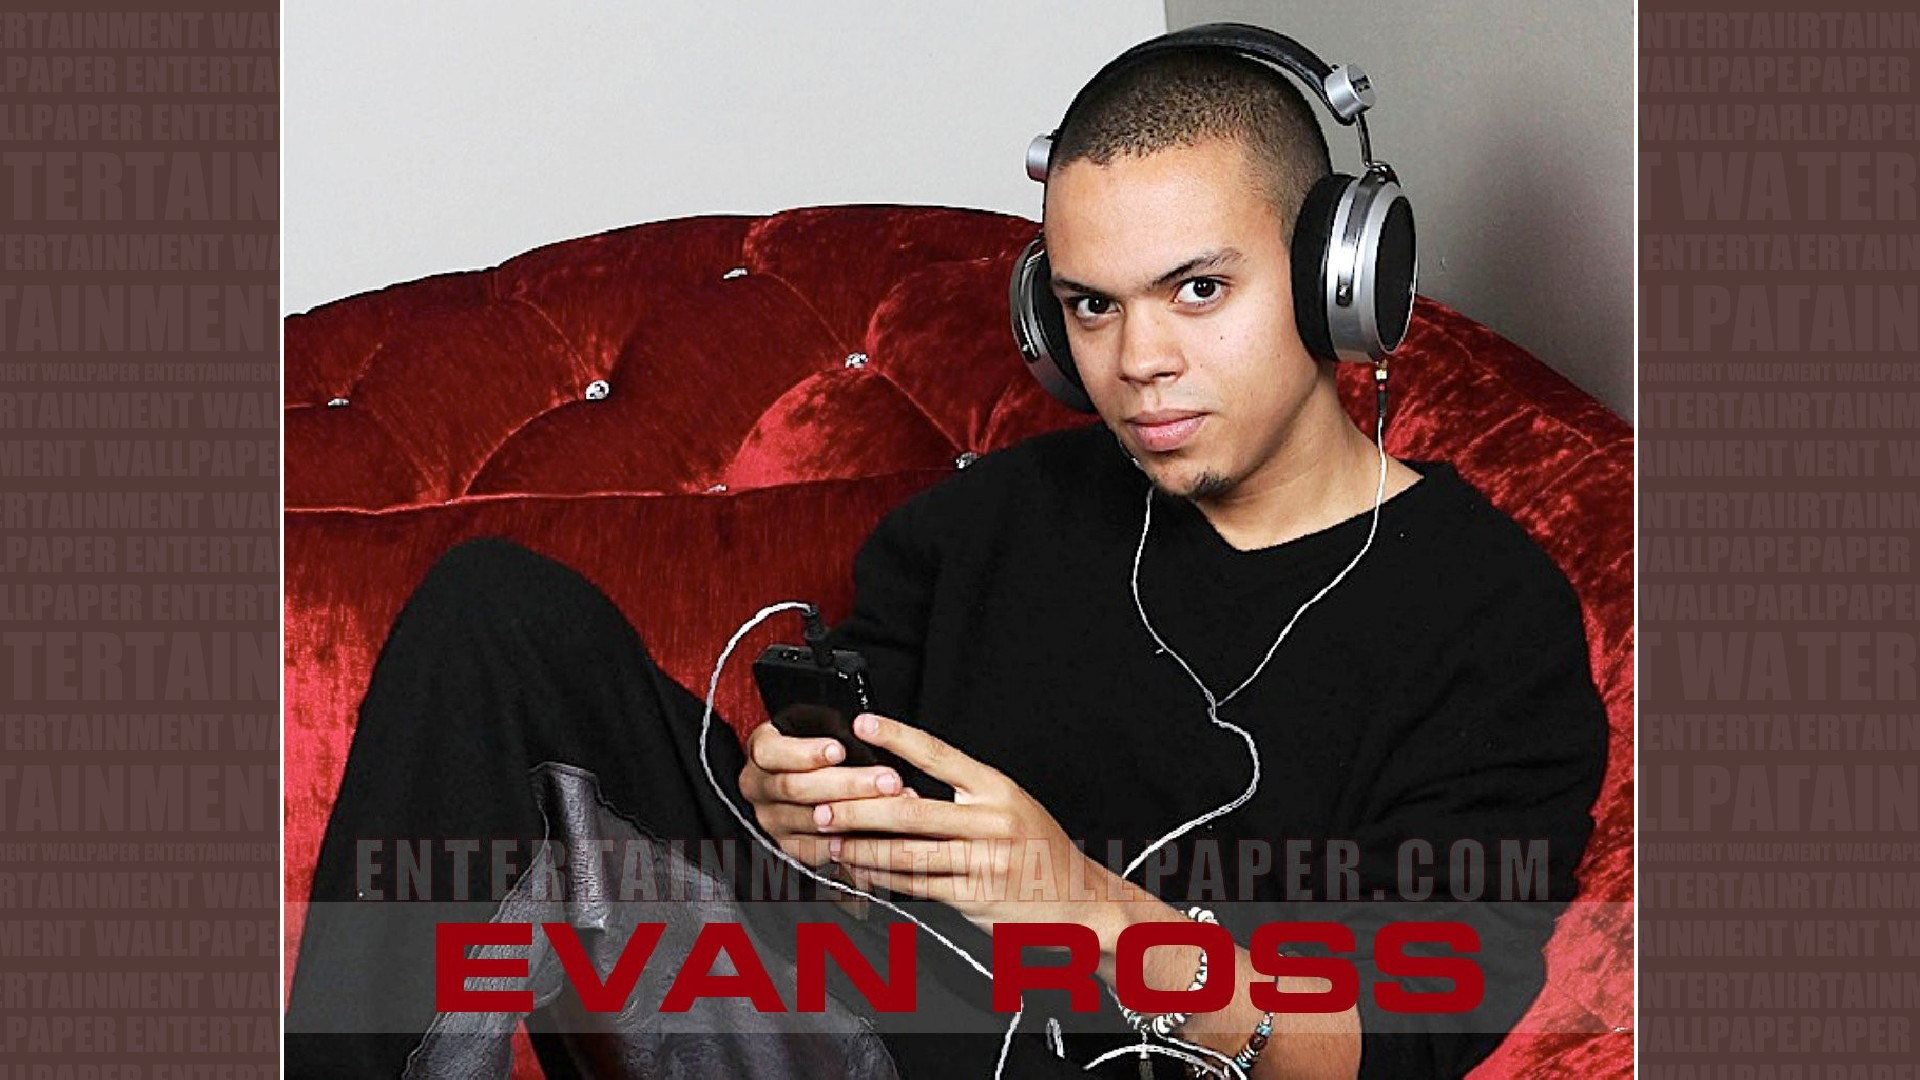 Evan Ross Wallpaper   30031490 1920x1080 Desktop 1920x1080